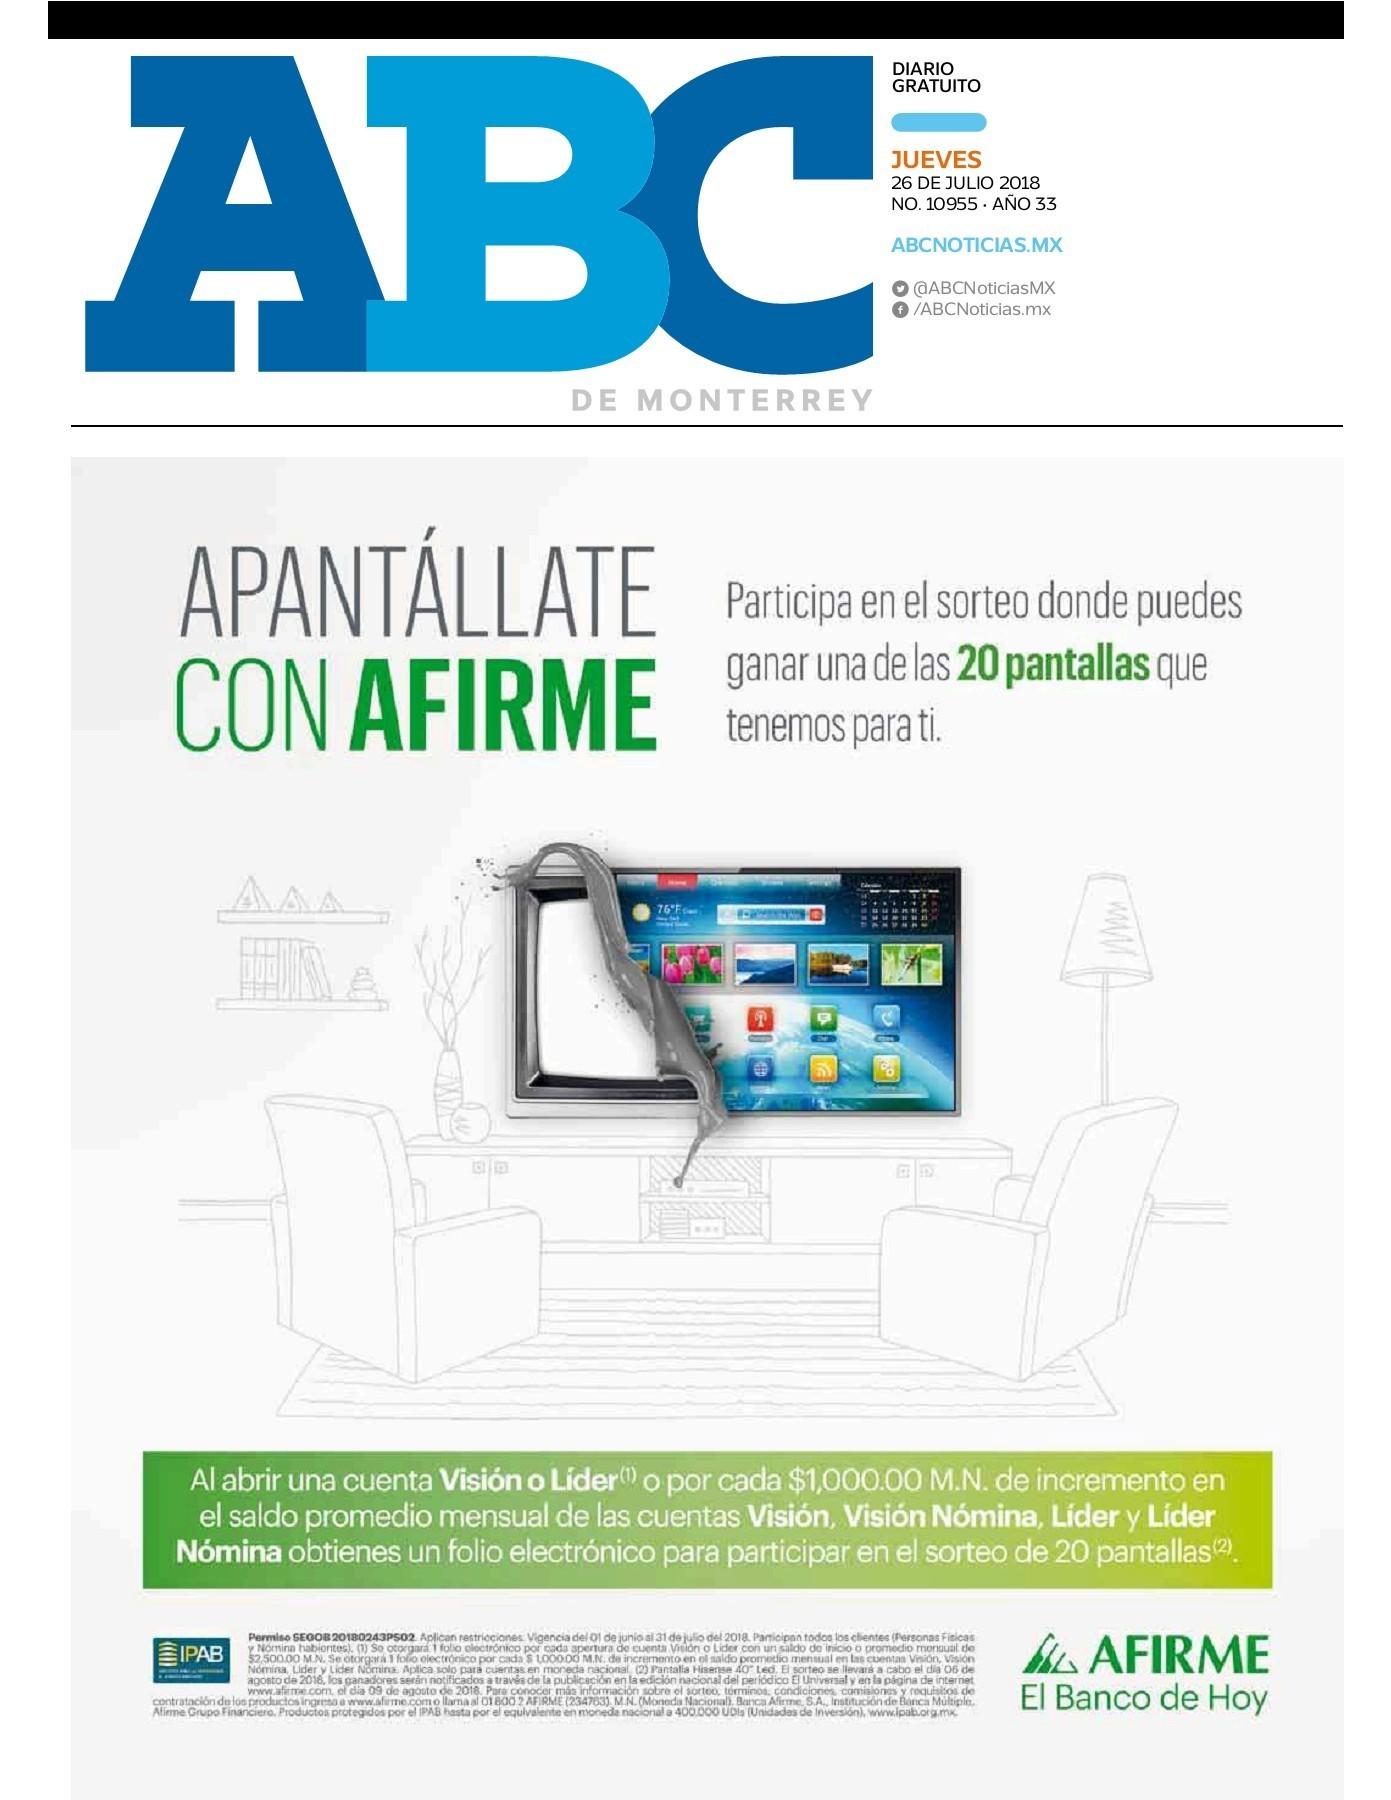 Calendario Mayo 2019 Mexico Más Populares Peri³dico Abc 26 De Julio De 2018 Pages 1 20 Text Version